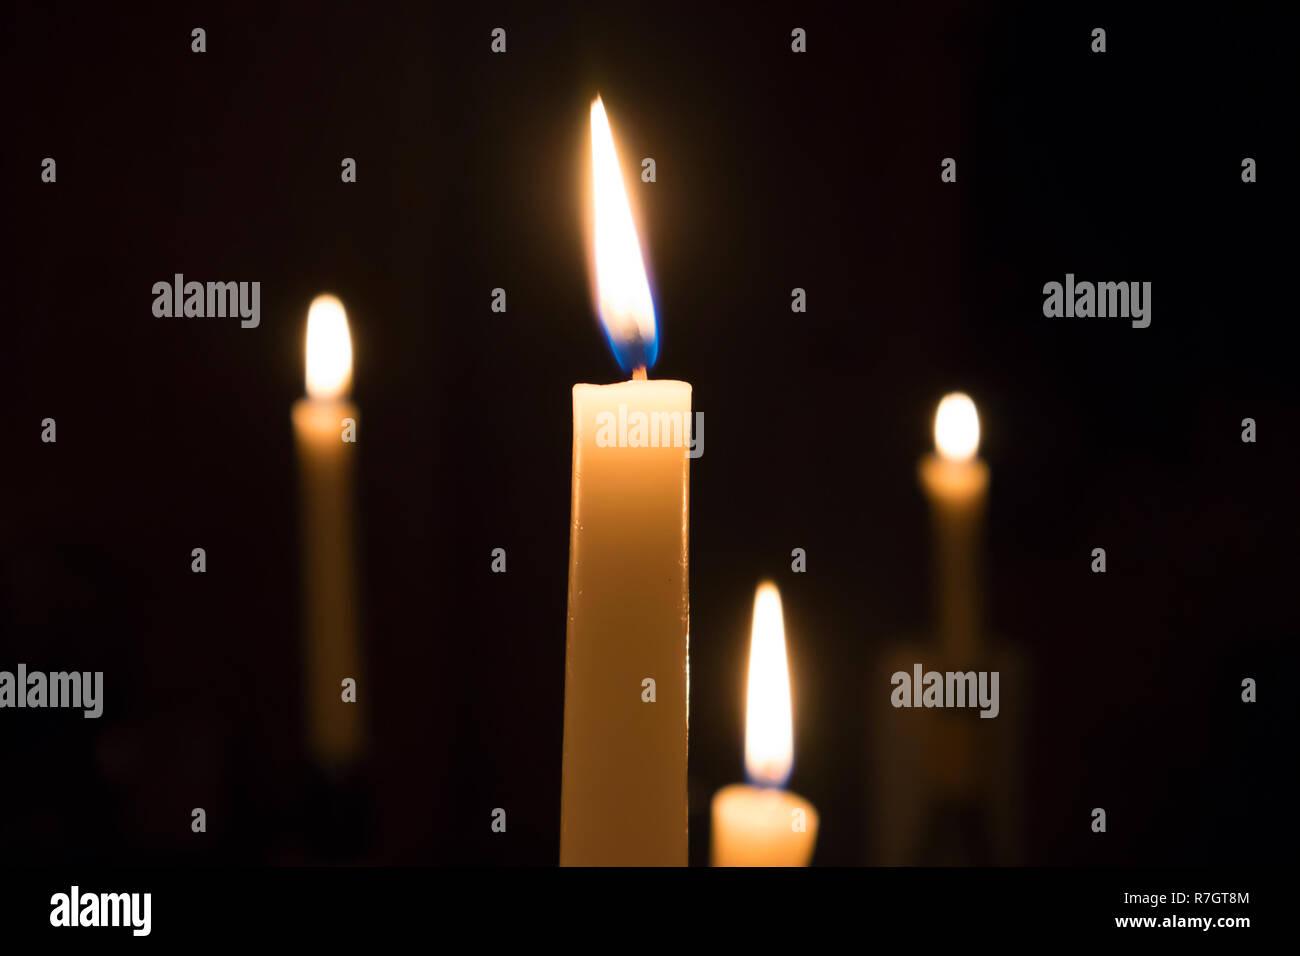 Eine Reihe von brennenden Kerzen geschmolzen mit unscharfen Gabeln der Flamme gegen den dunklen Hintergrund Stockbild